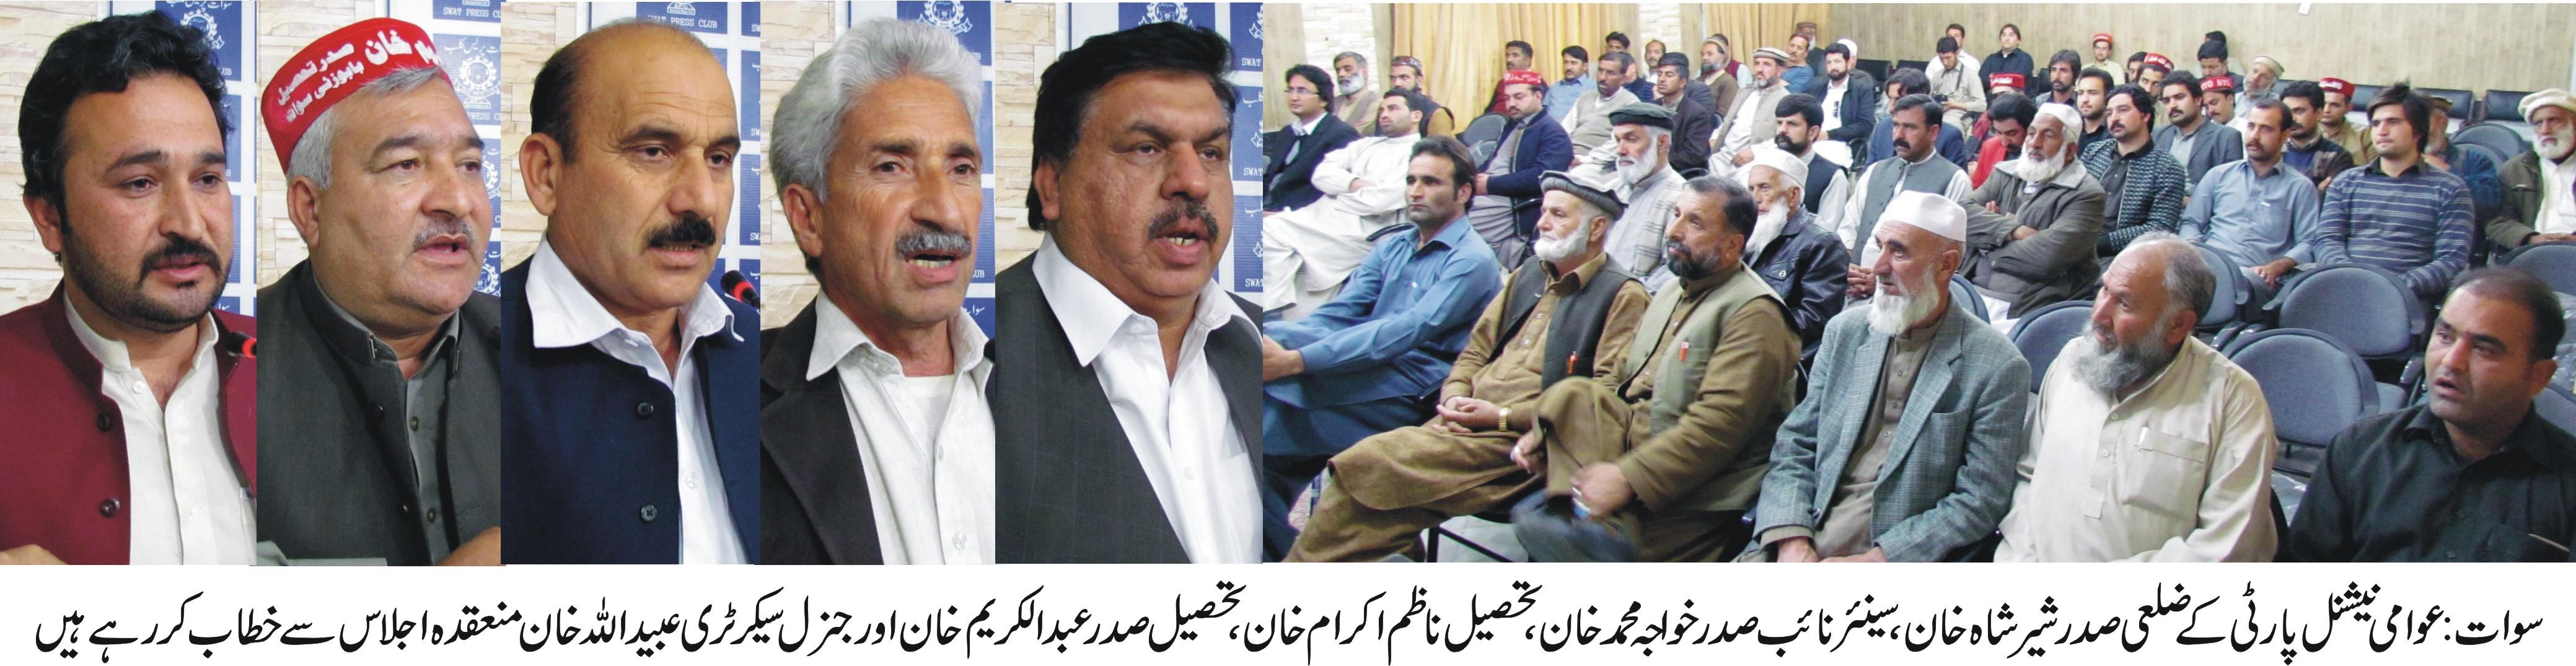 اے این پی تحصیل بابوزئی کا گیارہ مارچ جلسہ کے لئے اجلاس ، عبدالکریم خان نے صدرارت کی